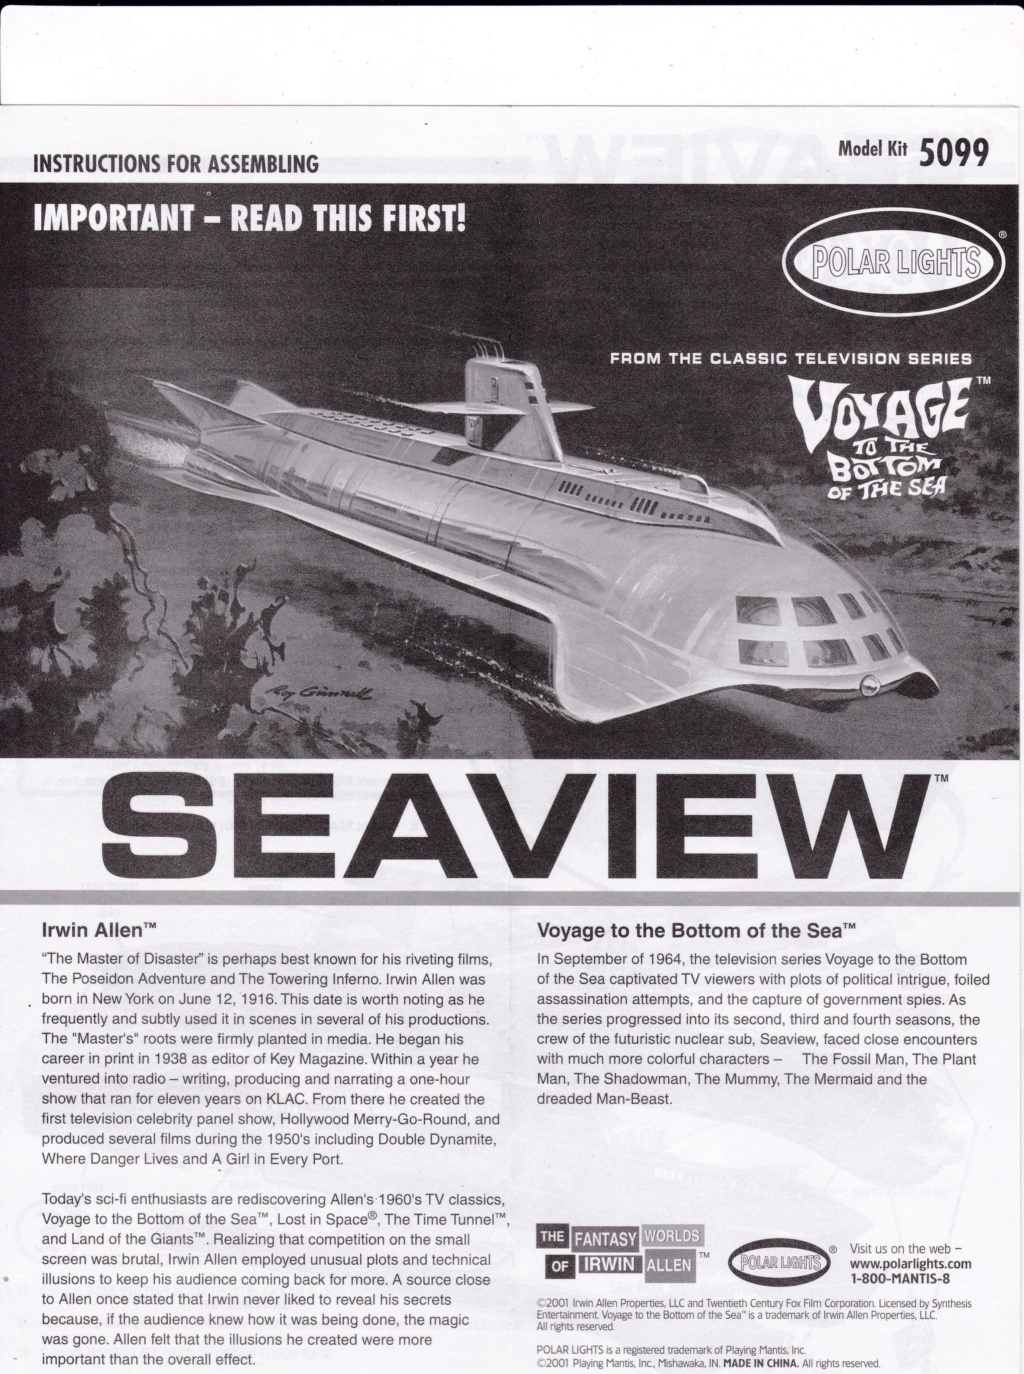 [POLAR-LIGHTS] Sous-marin SEAVIEW de la série VOYAGE AU FOND DES MERS 1/350ème Réf 5099 Img_2038